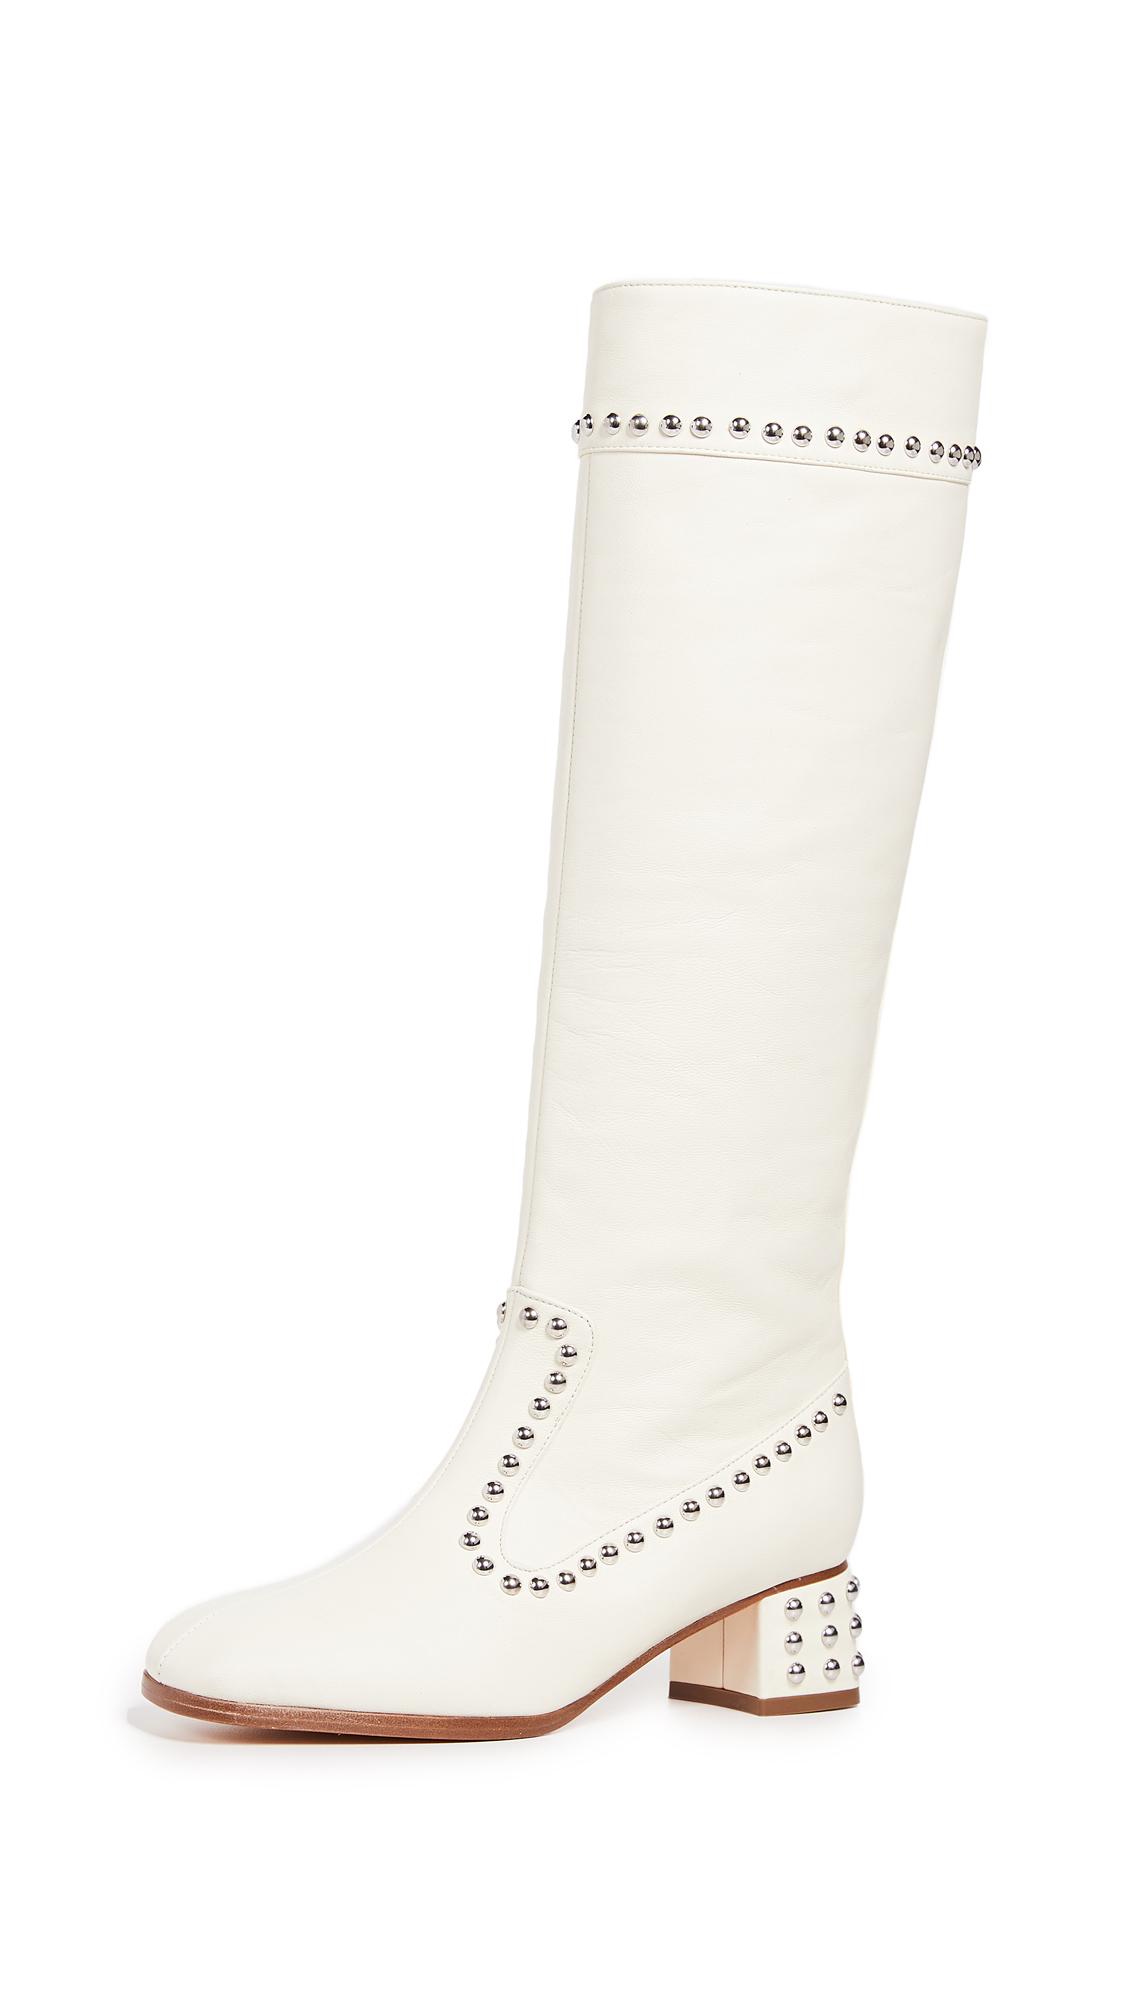 Maryam Nassir Zadeh Kiki Boots - Cream